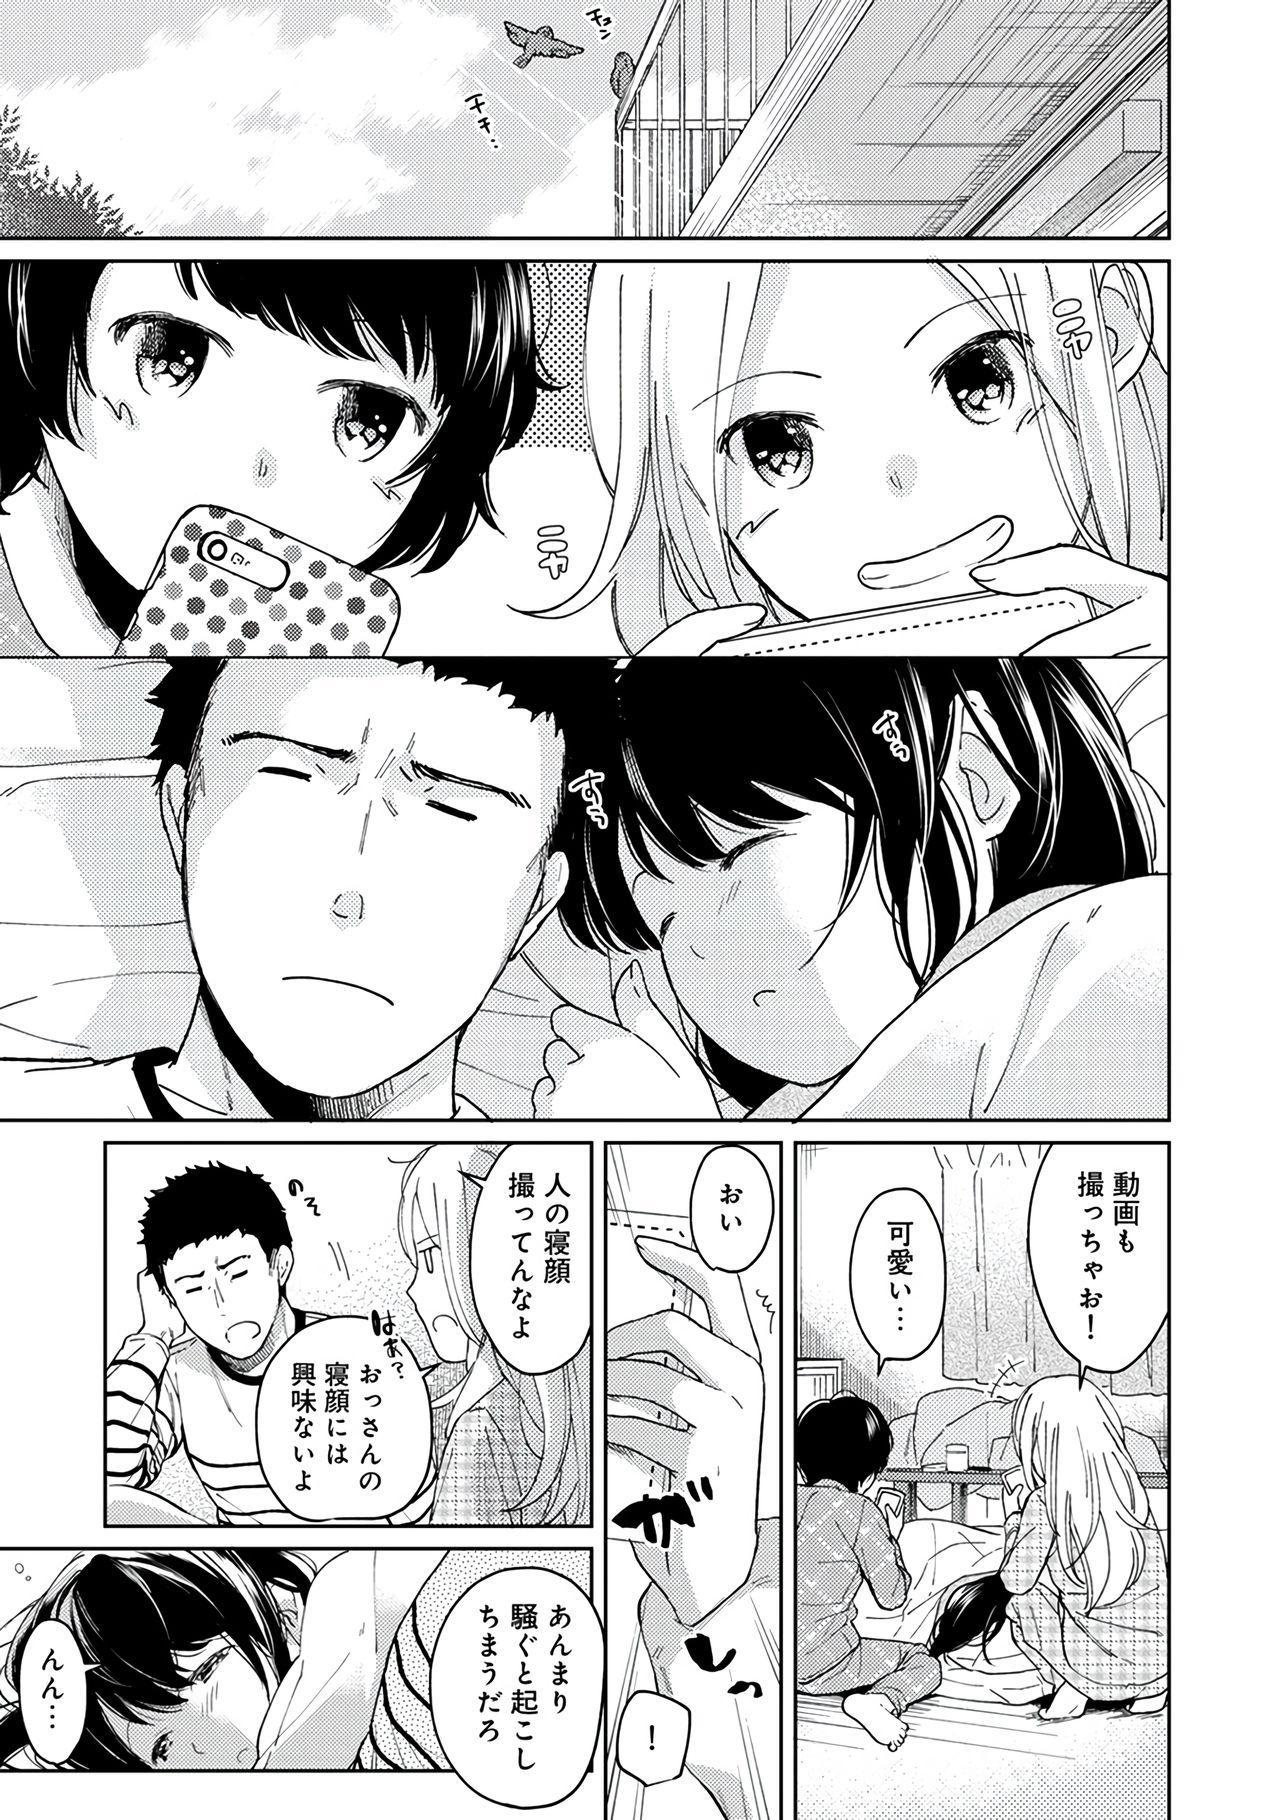 1LDK+JK Ikinari Doukyo? Micchaku!? Hatsu Ecchi!!? Vol.2 108